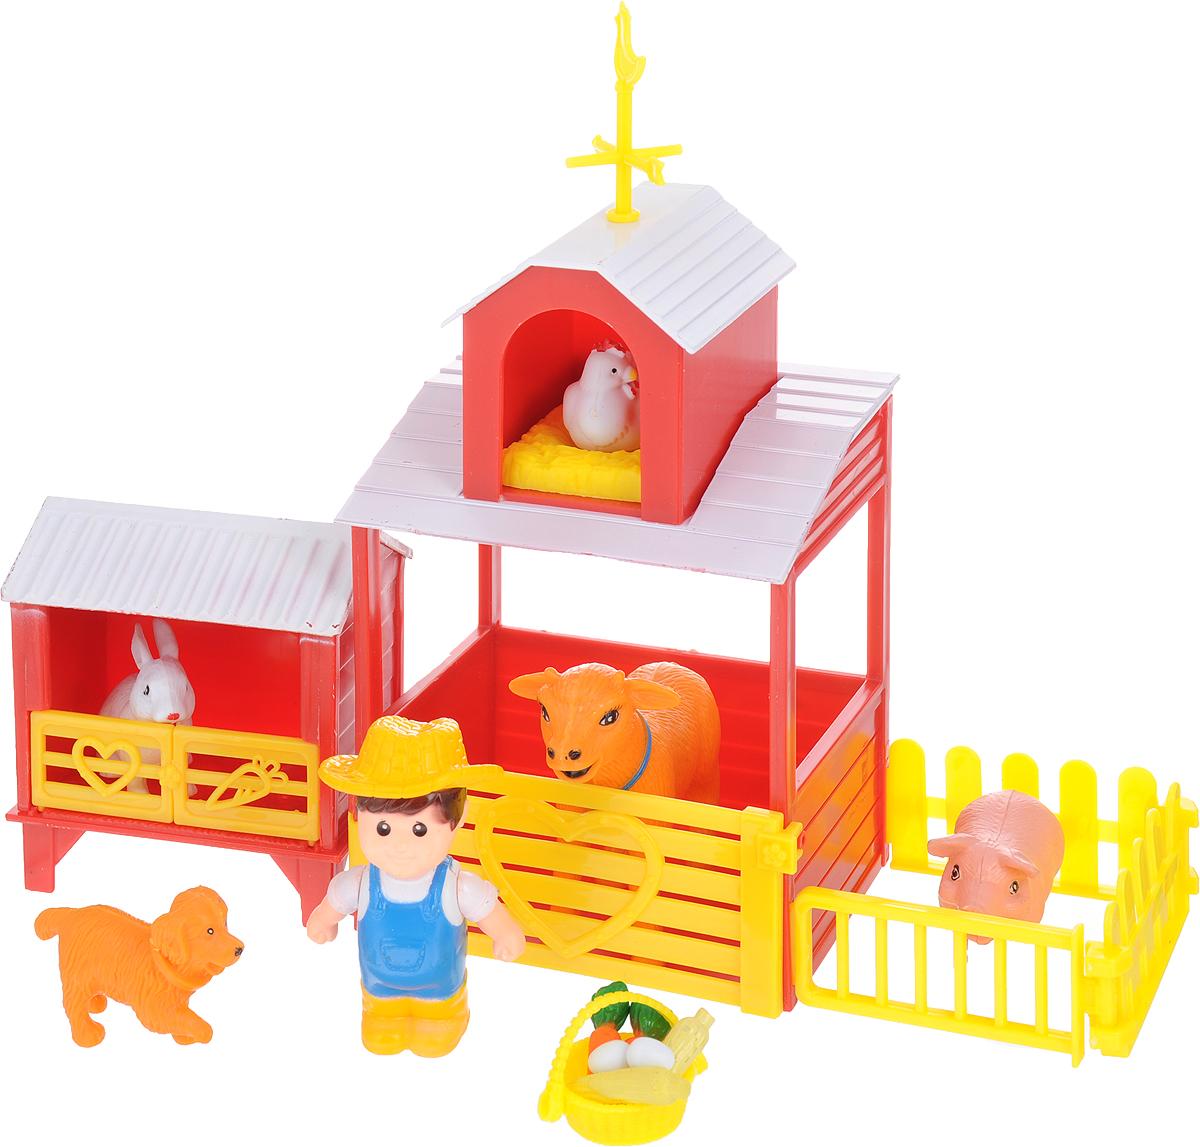 Игровой набор 1TOY Ферма Двухэтажный домик, фермер, зверюшки, Т11046